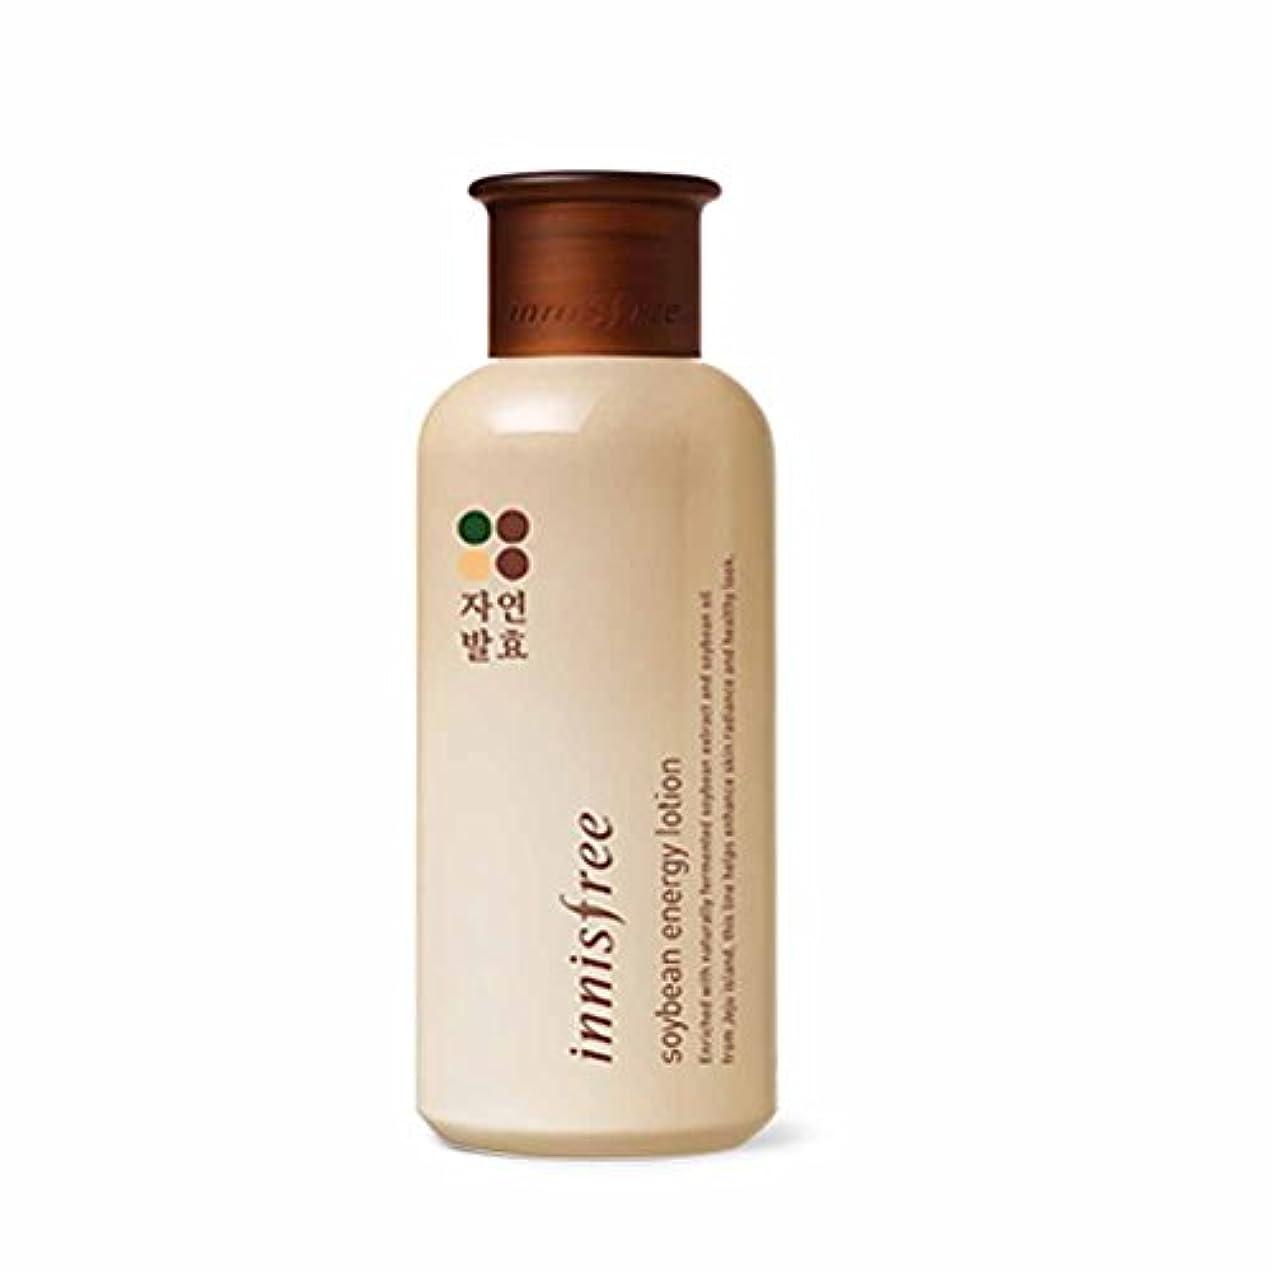 私たちのもの戦い奪うイニスフリーソイビーンエナジースキン(トナー)200ml / Innisfree Soybean Energy Skin(Toner) 200ml[海外直送品][並行輸入品]